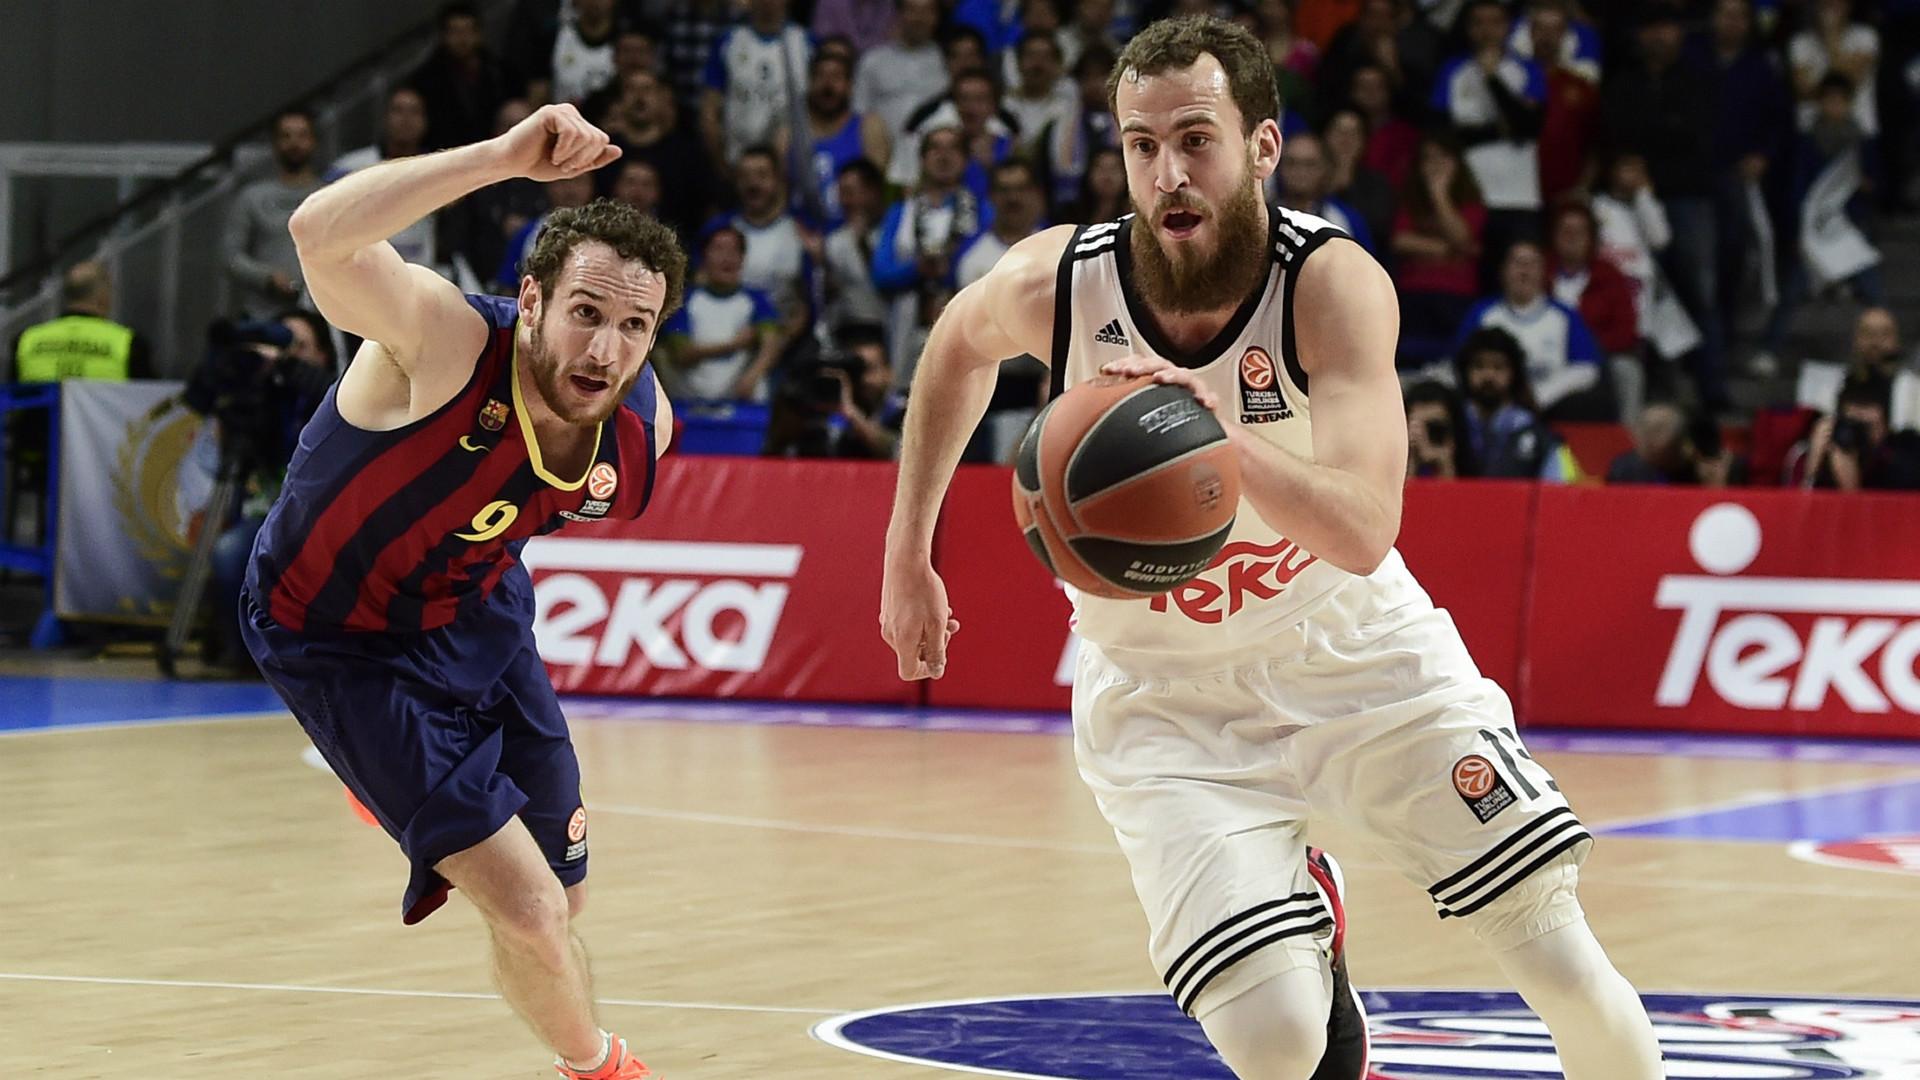 barcelona real madrid basketball 2015. Black Bedroom Furniture Sets. Home Design Ideas